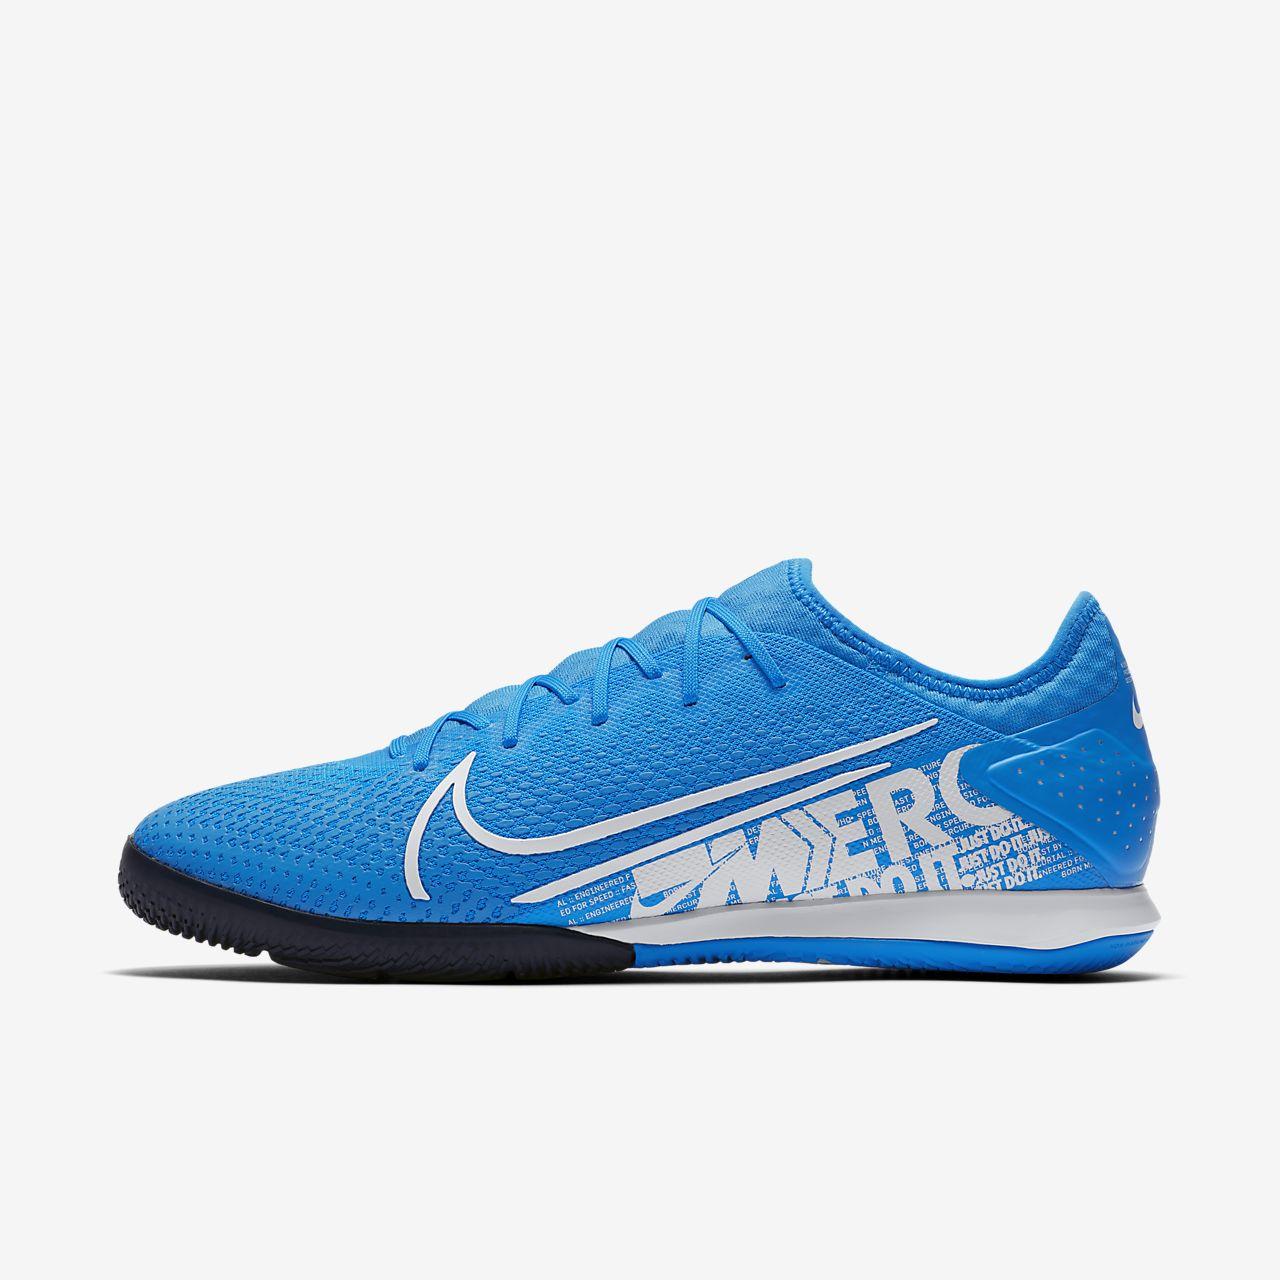 Nike Mercurial Vapor 13 Pro IC-fodboldsko (indendørs)